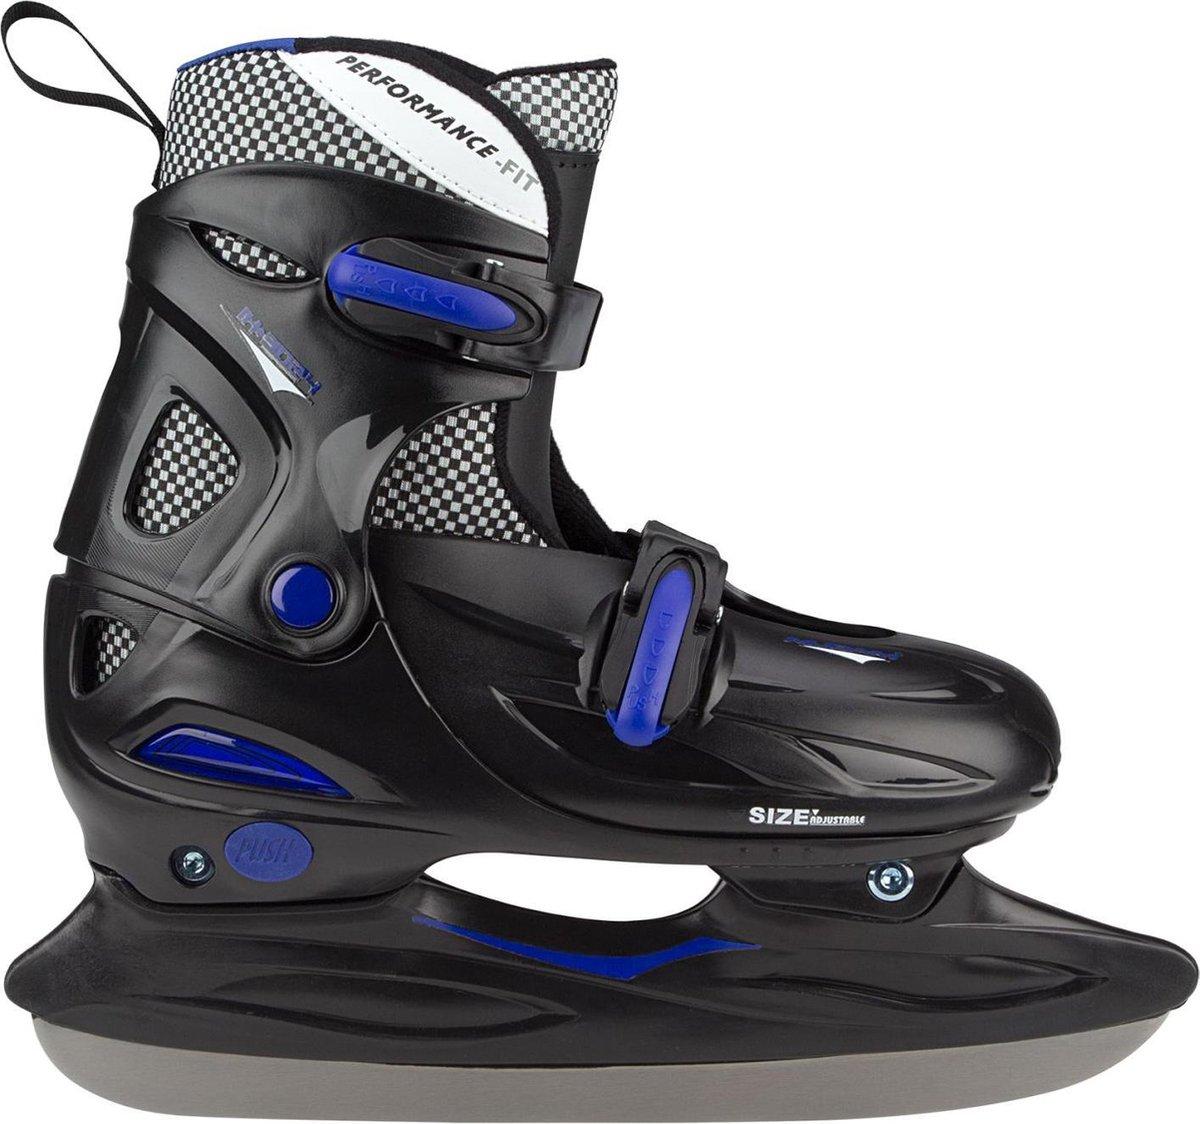 Nijdam Junior IJshockeyschaats - Verstelbaar - Hardboot - Zwart/Blauw - Maat 30-33